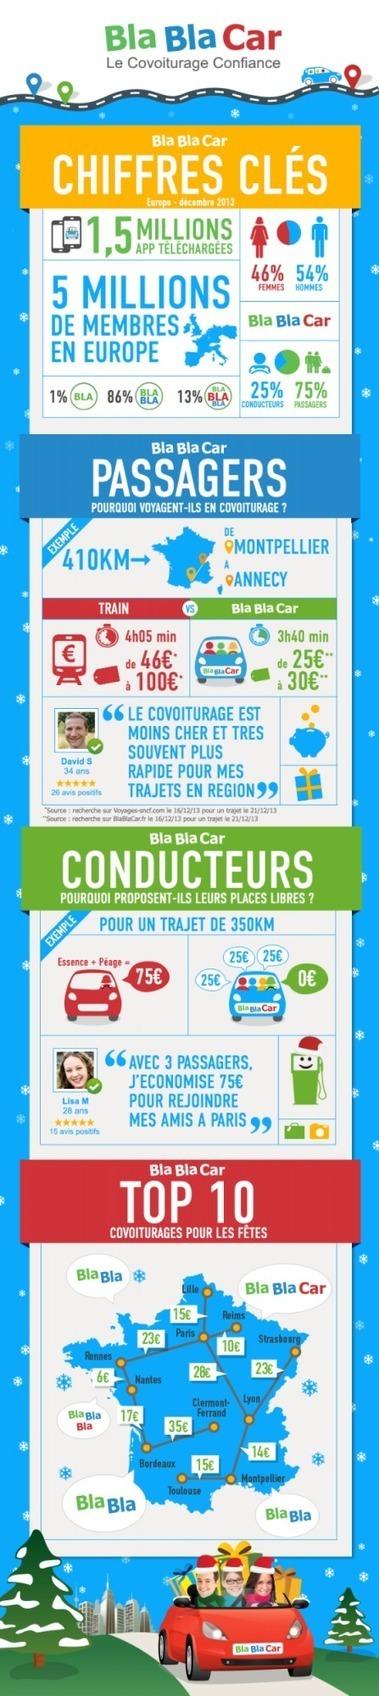 BlaBlaCar : les principaux chiffres sur 2013 | Solidarité, développement durable, responsabilité sociale | Scoop.it